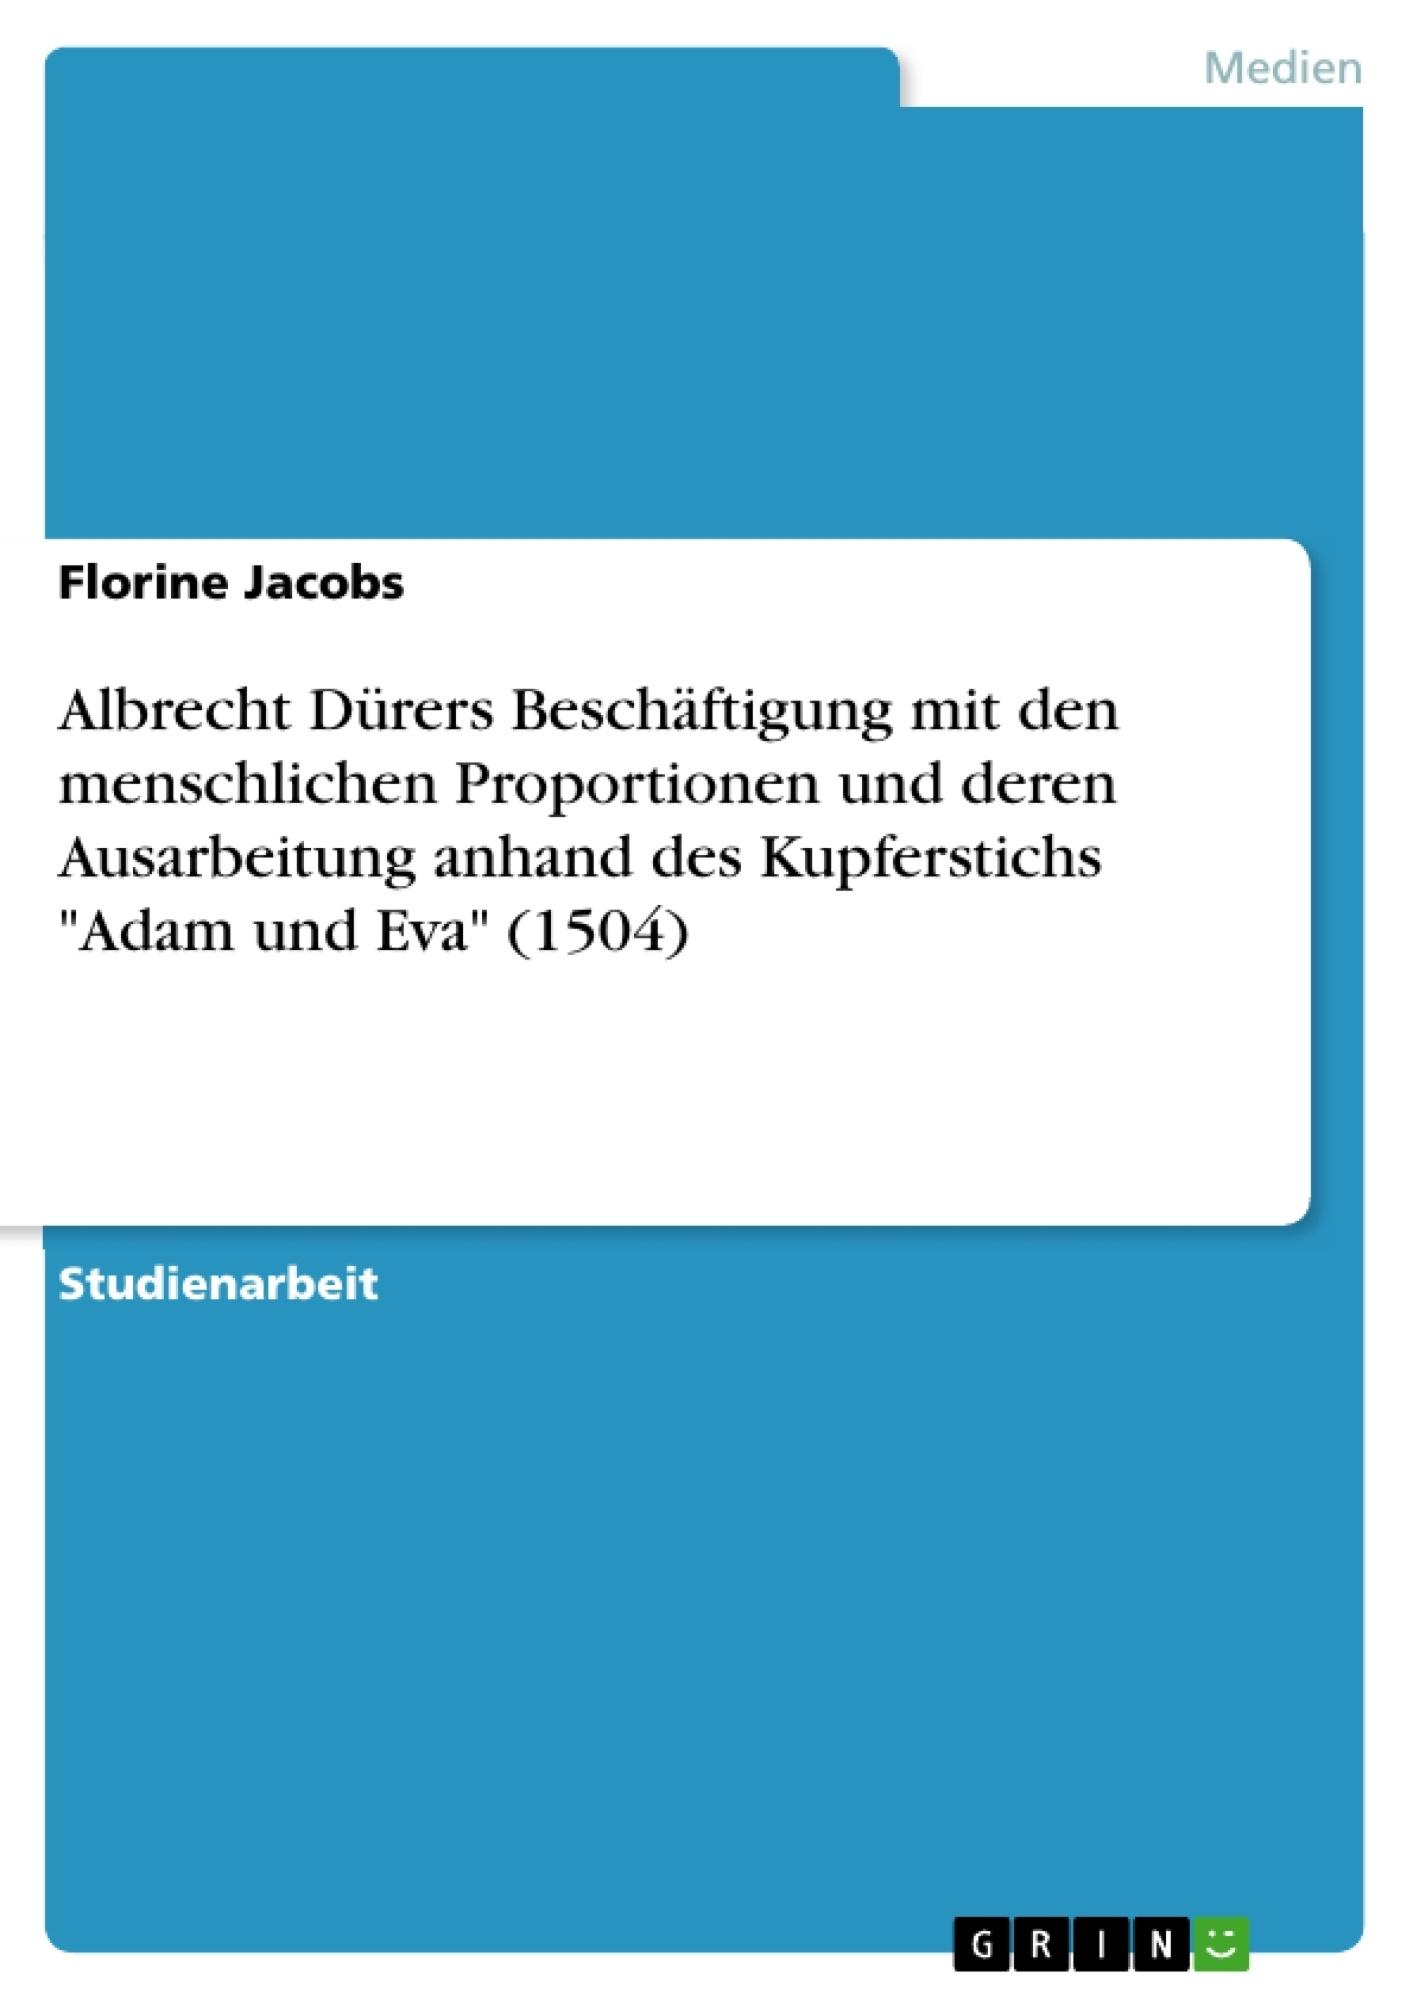 """Titel: Albrecht Dürers Beschäftigung mit den menschlichen Proportionen und deren Ausarbeitung anhand des Kupferstichs """"Adam und Eva"""" (1504)"""